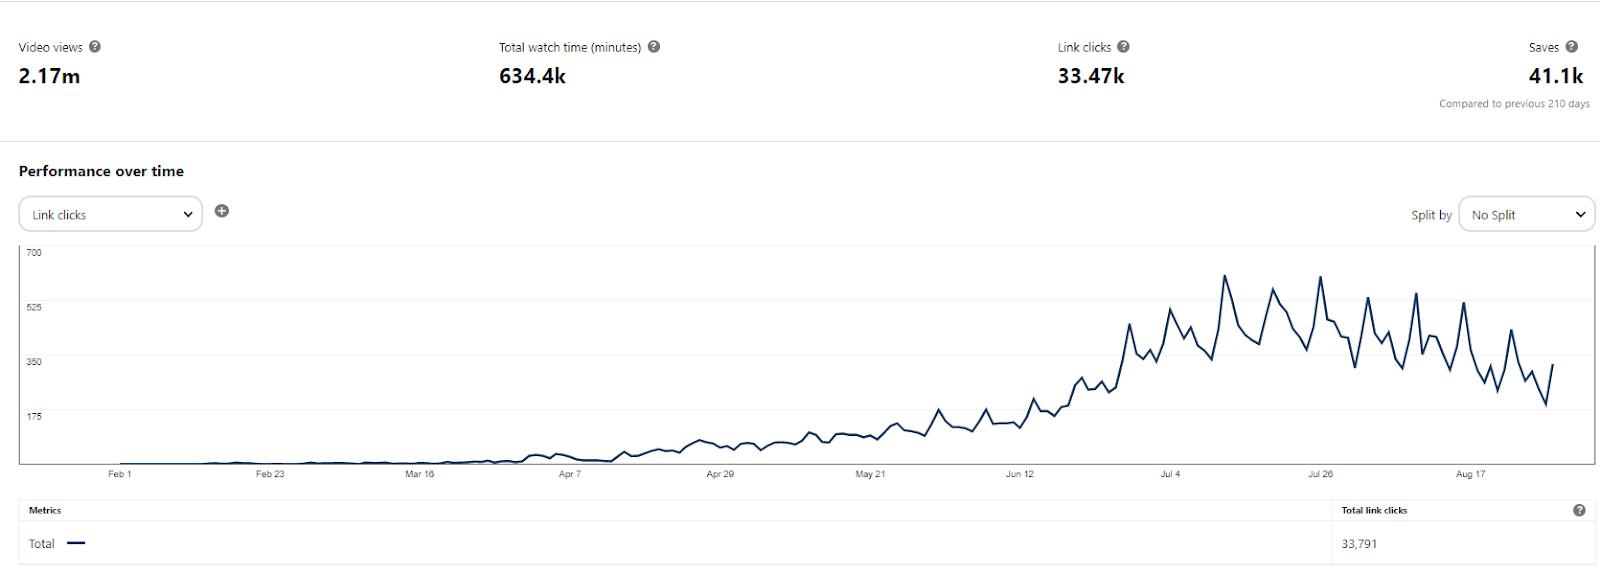 How do I get massive Pinterest traffic?